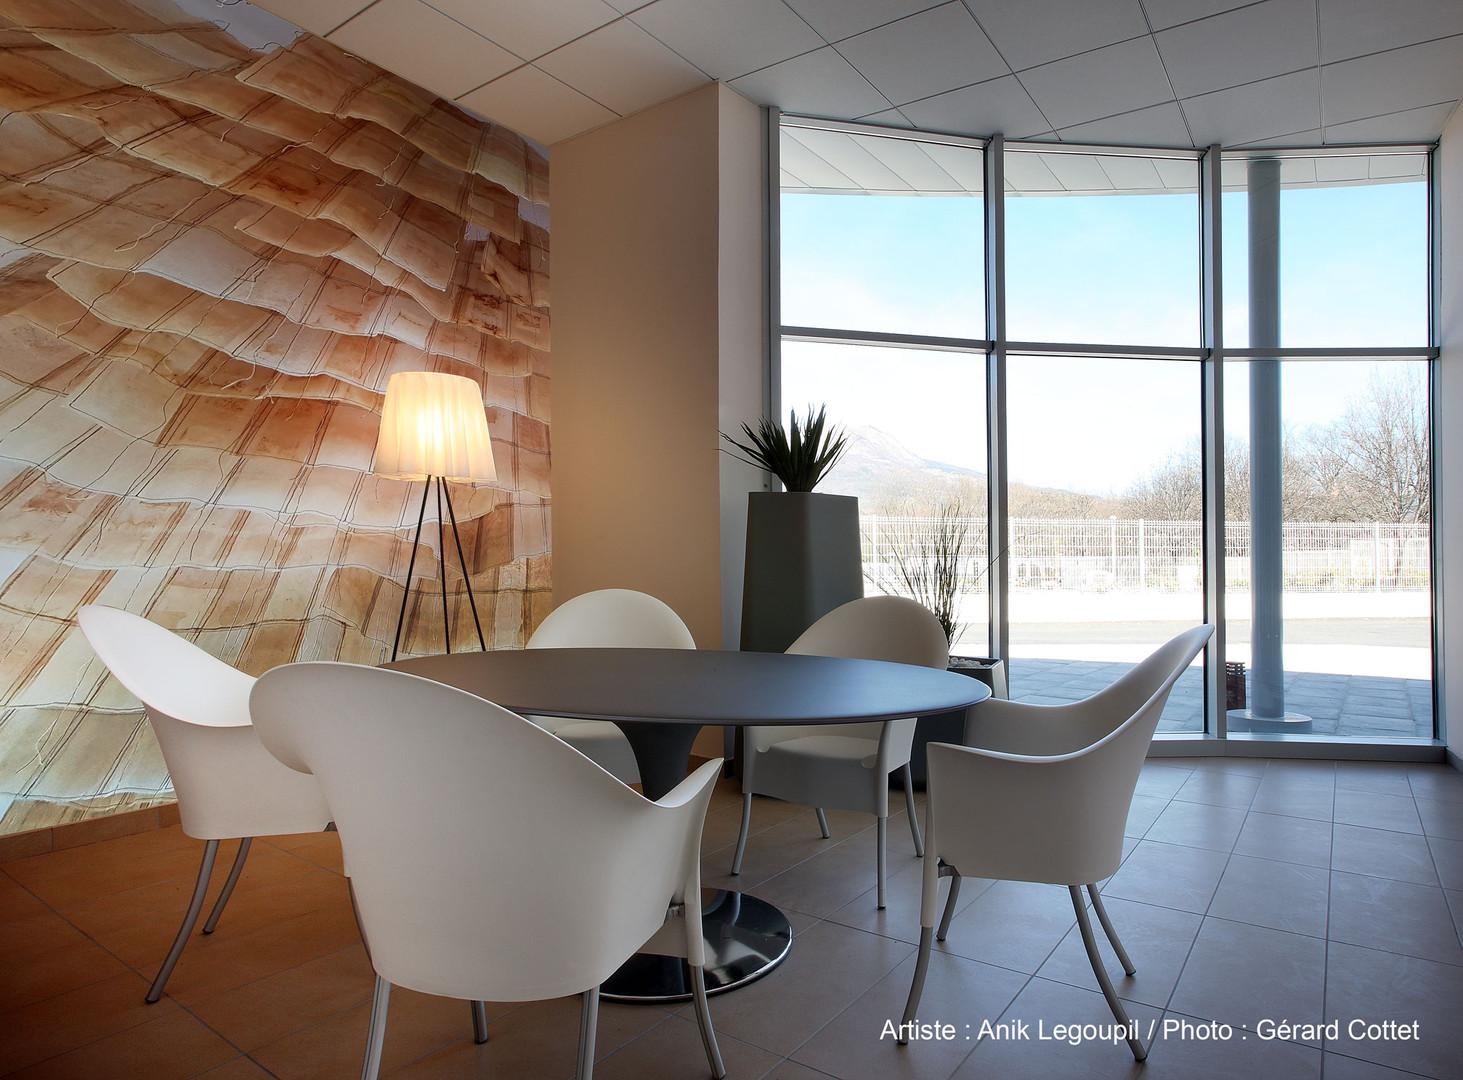 Salle de réunion / Conference room